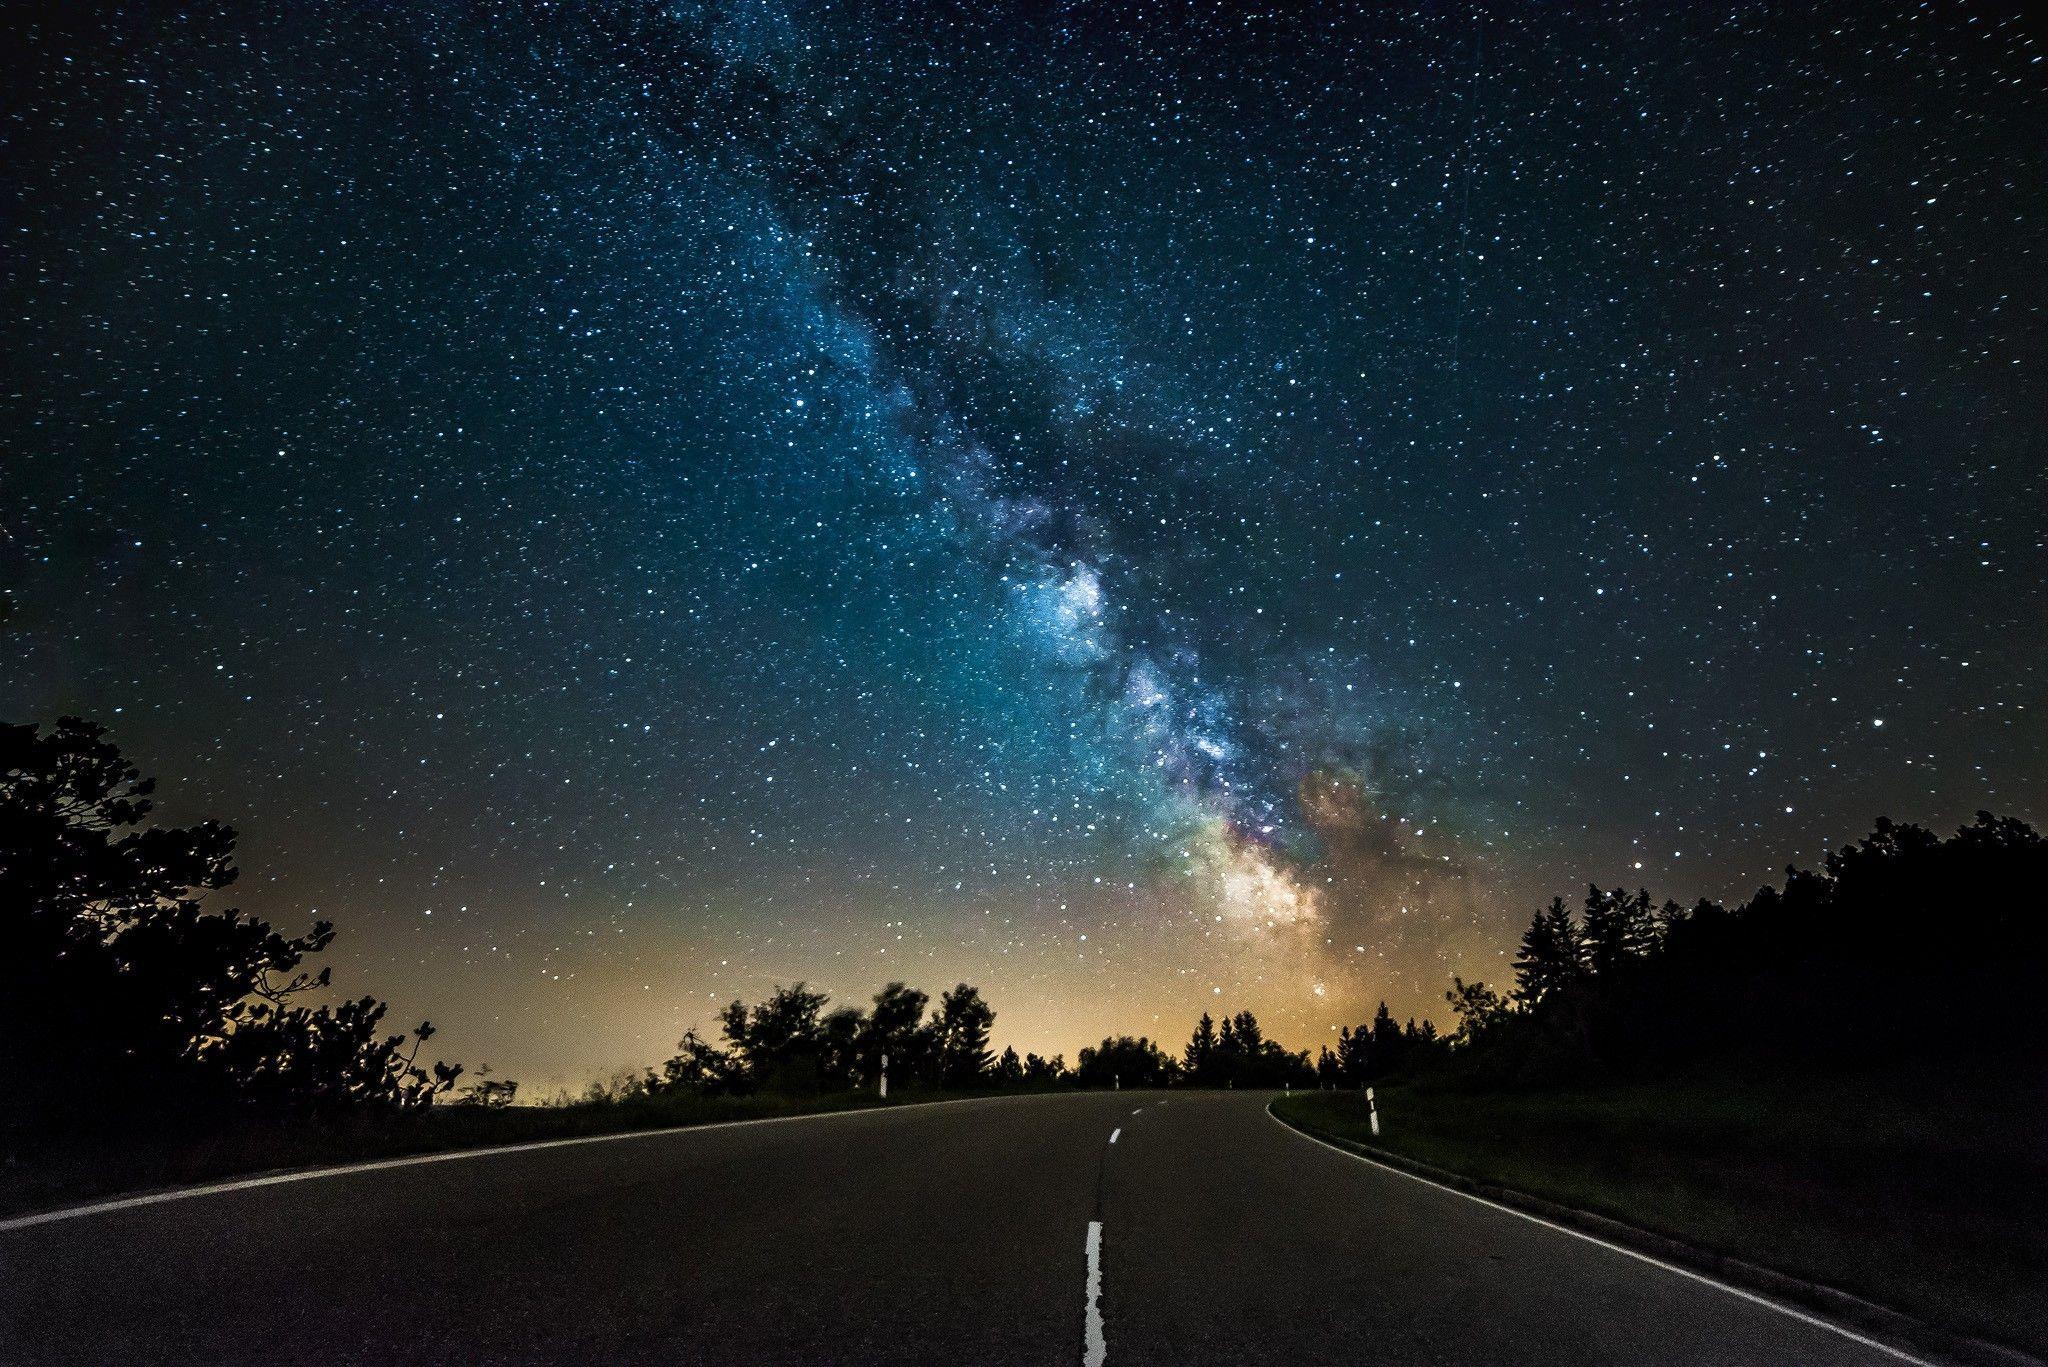 продаем дорога в ночь картинки звезда научимся противоположному